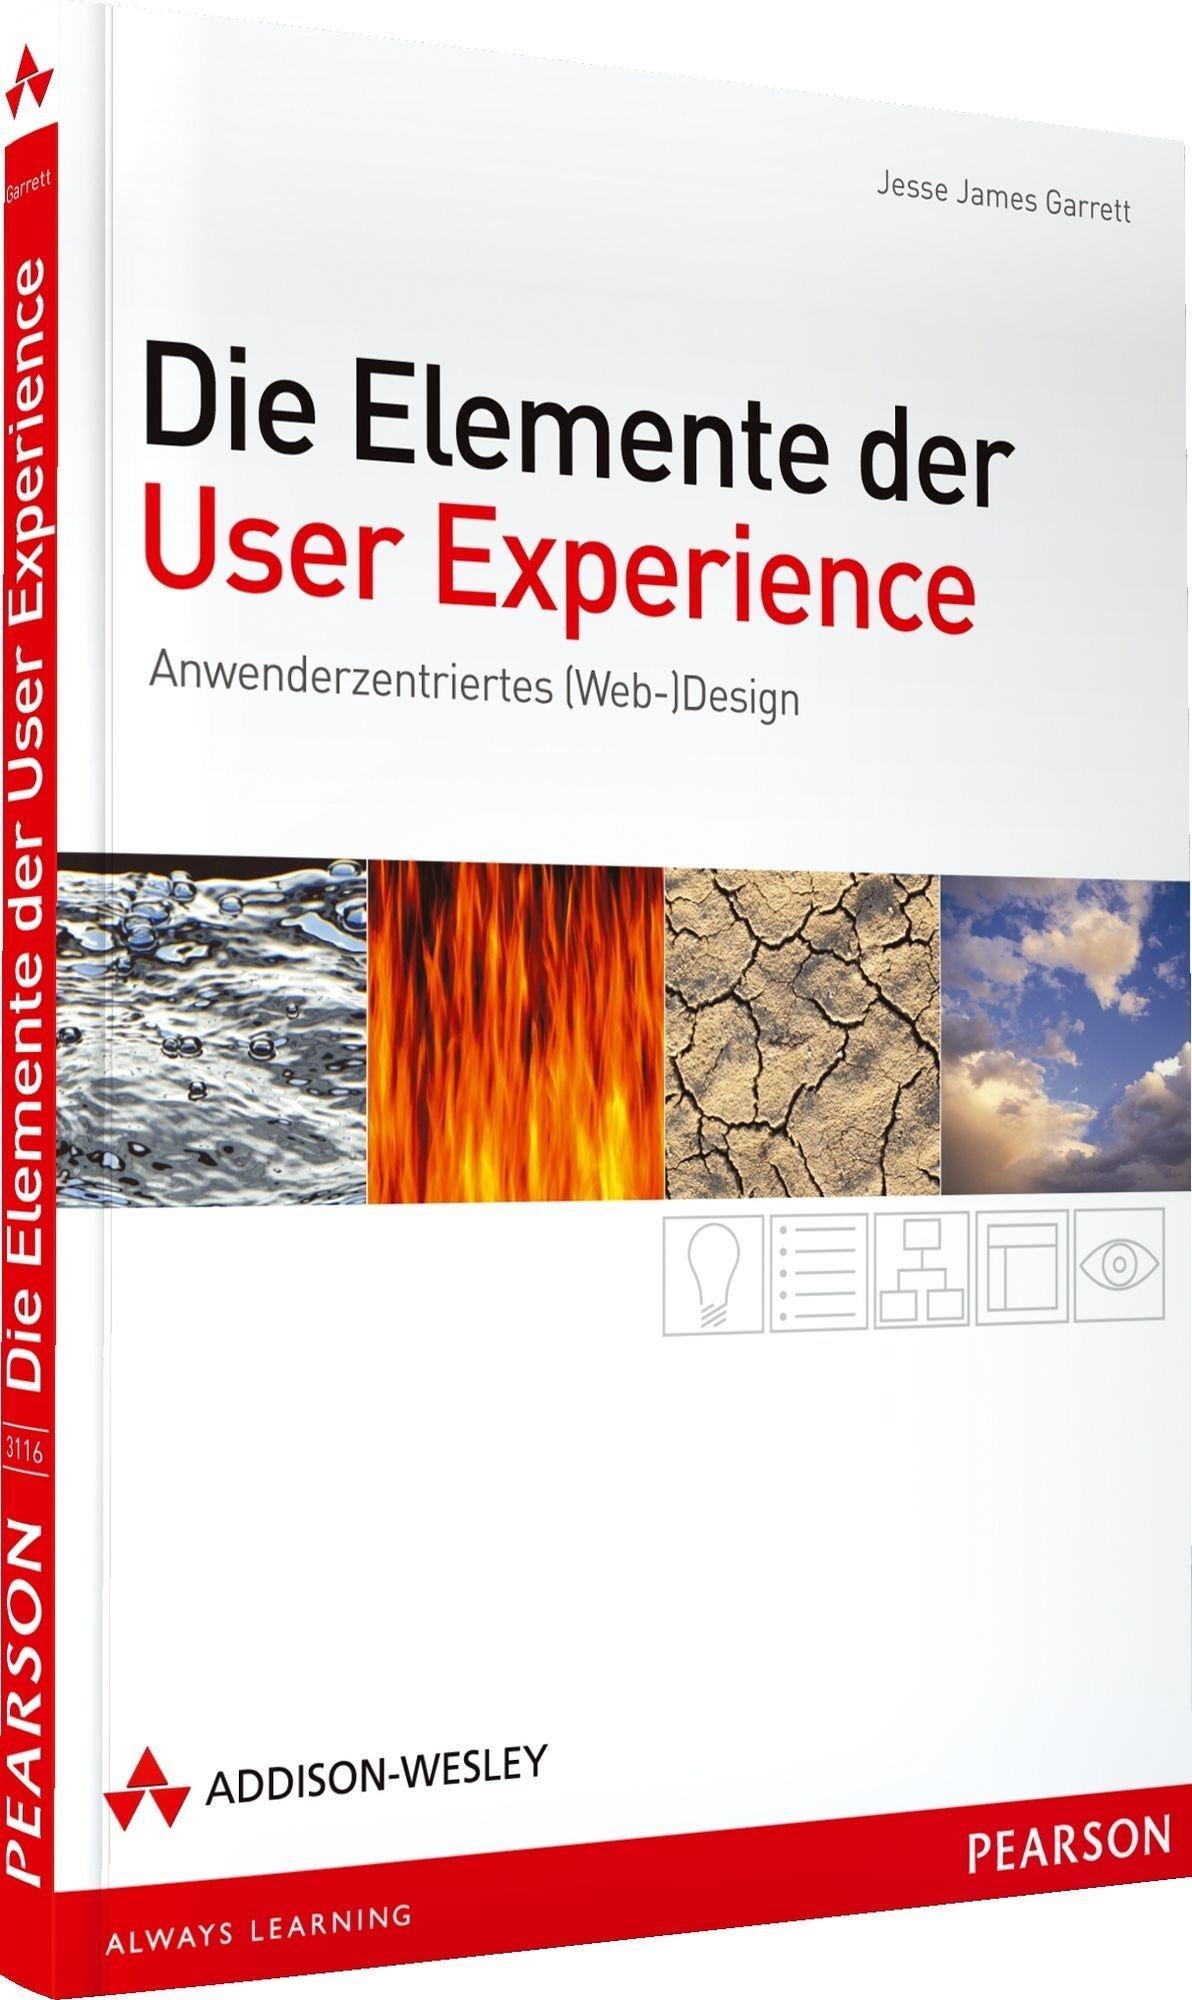 Die Elemente der User Experience - Die Elemente der User Experience. Anwenderzentriertes (Web-)Design (Sonstige Bücher AW) von Jesse James Garrett (1. Dezember 2011) Taschenbuch